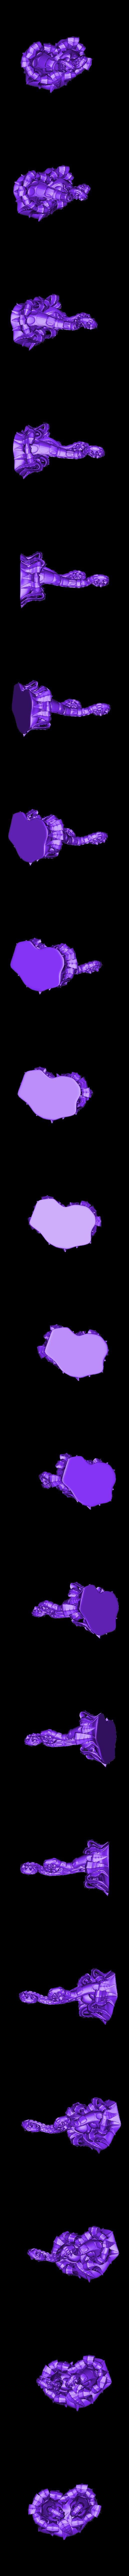 2FernTentacle_17Leaves.stl Télécharger fichier STL gratuit Installation de table : Tentacule de fougère double (17 feuilles) • Plan à imprimer en 3D, GrimGreeble